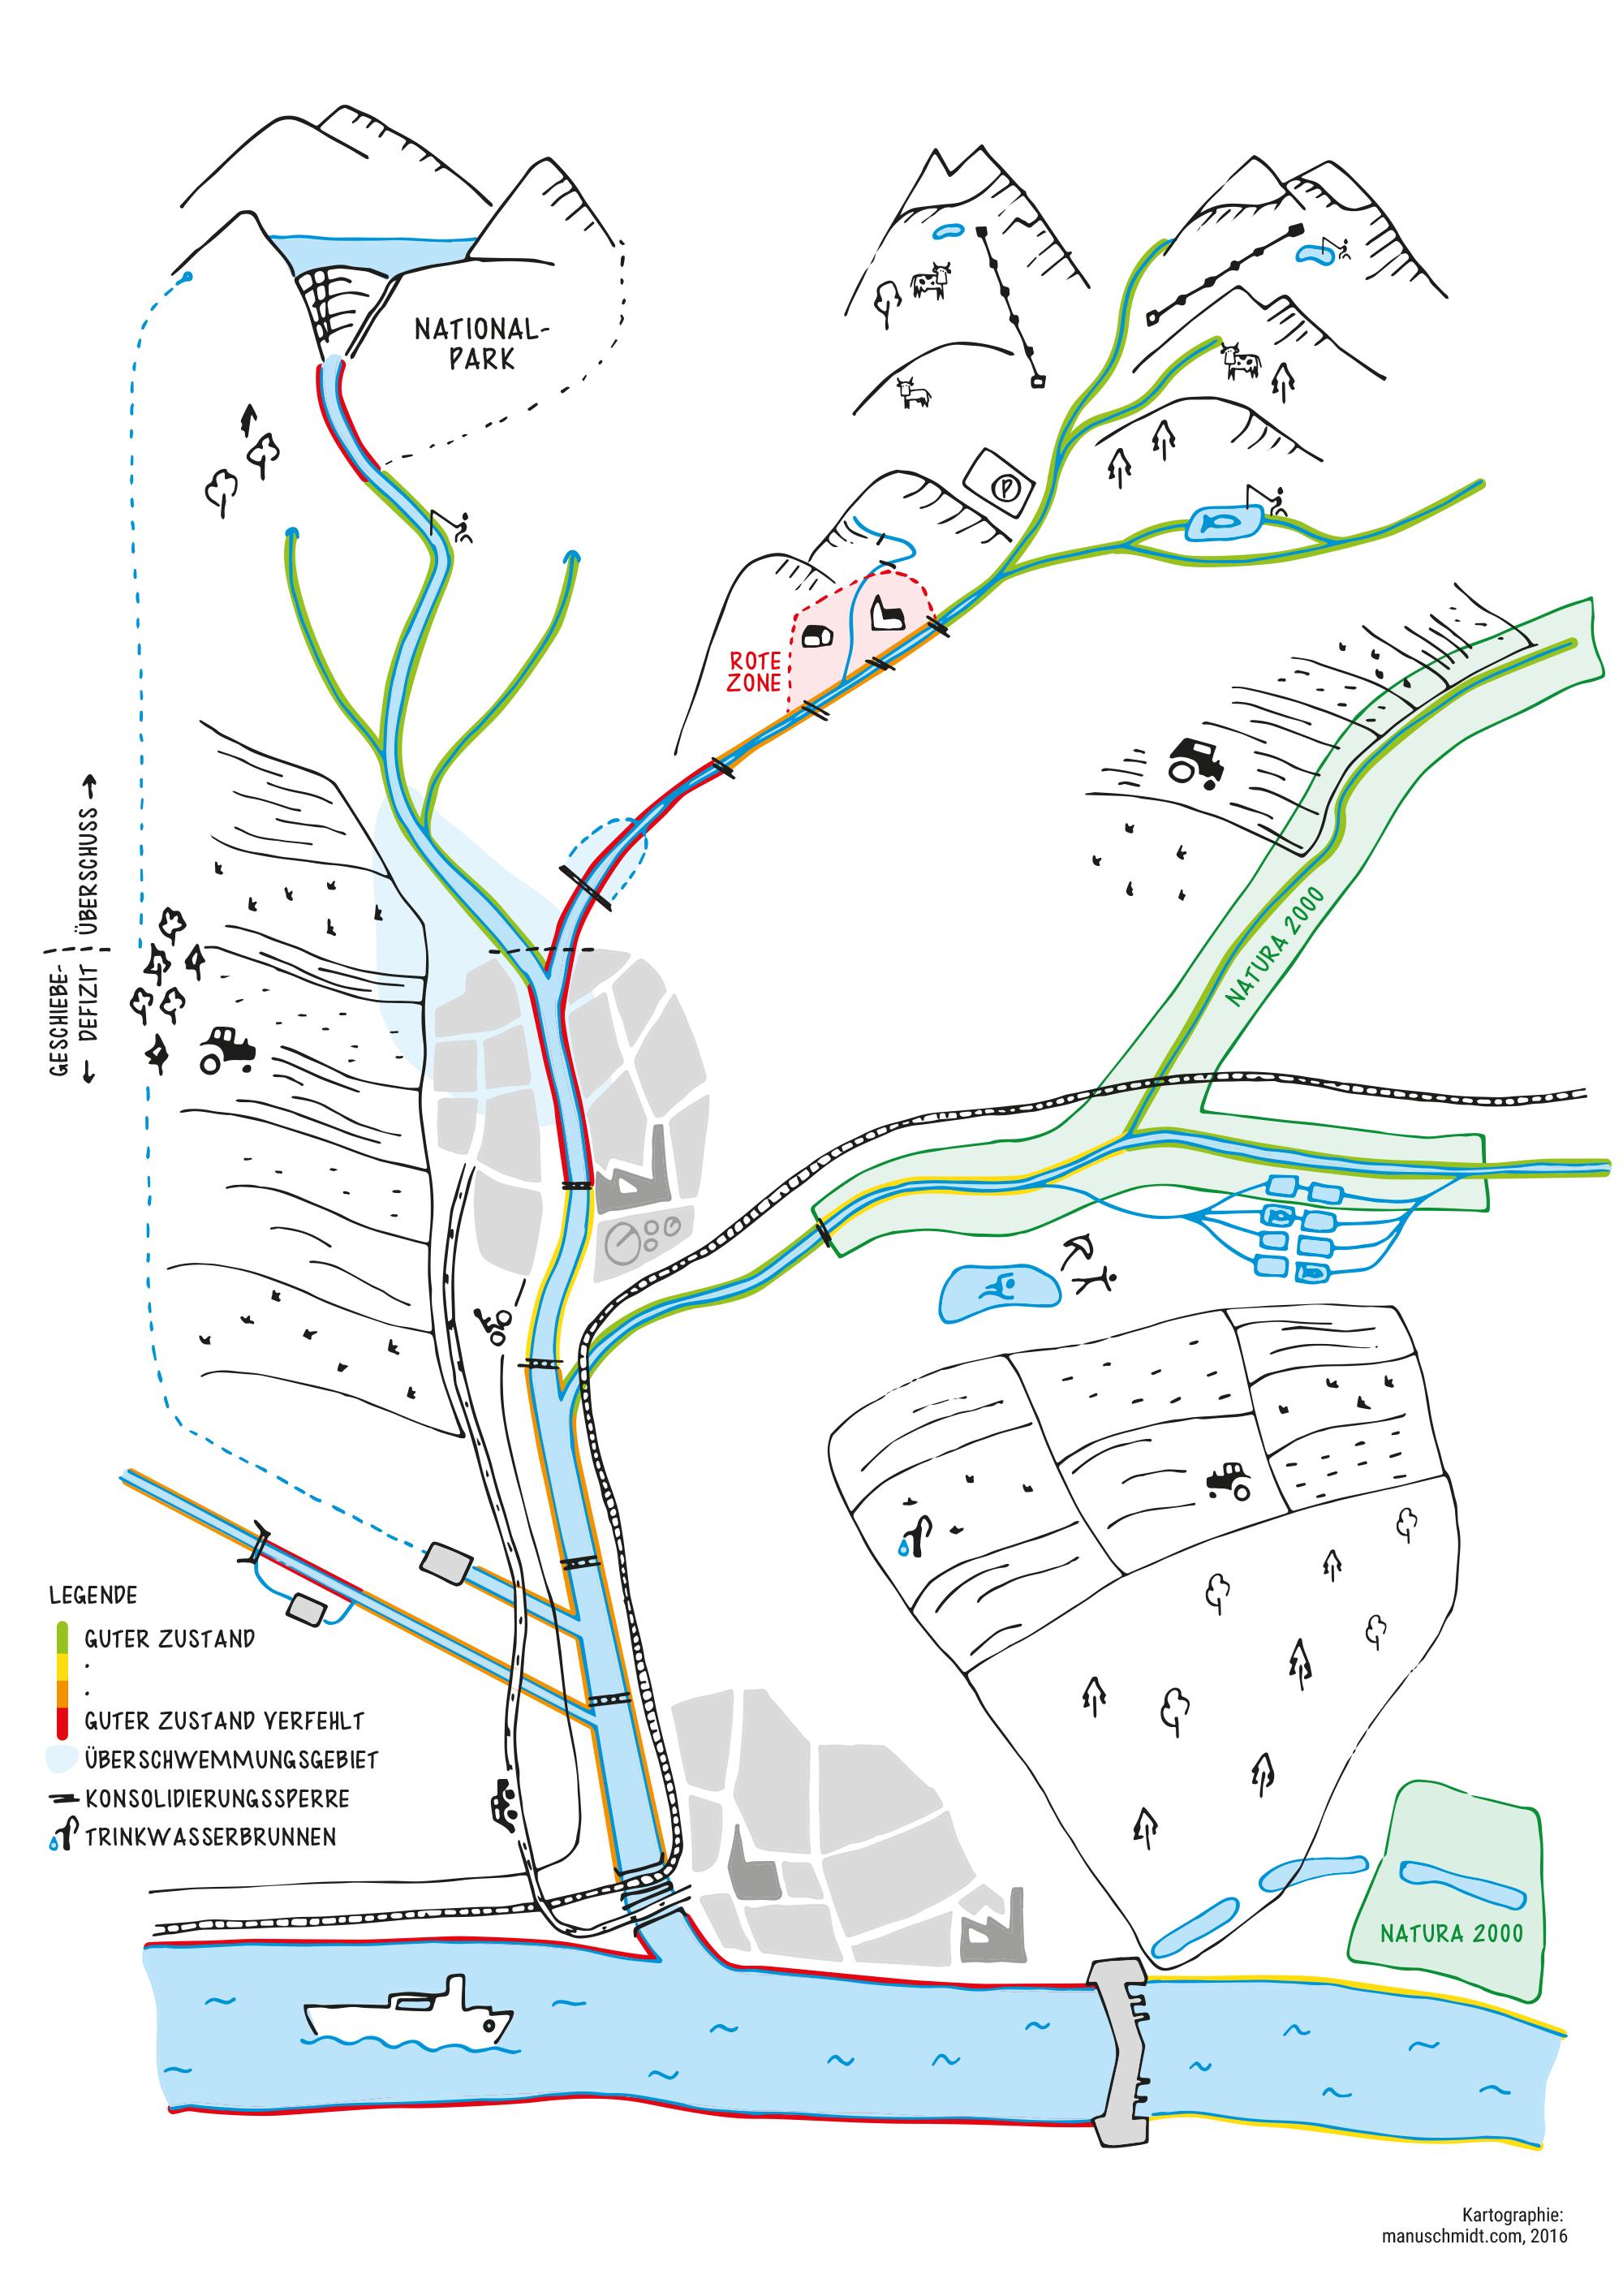 Handillustrierte Karte zum Thema Wasser